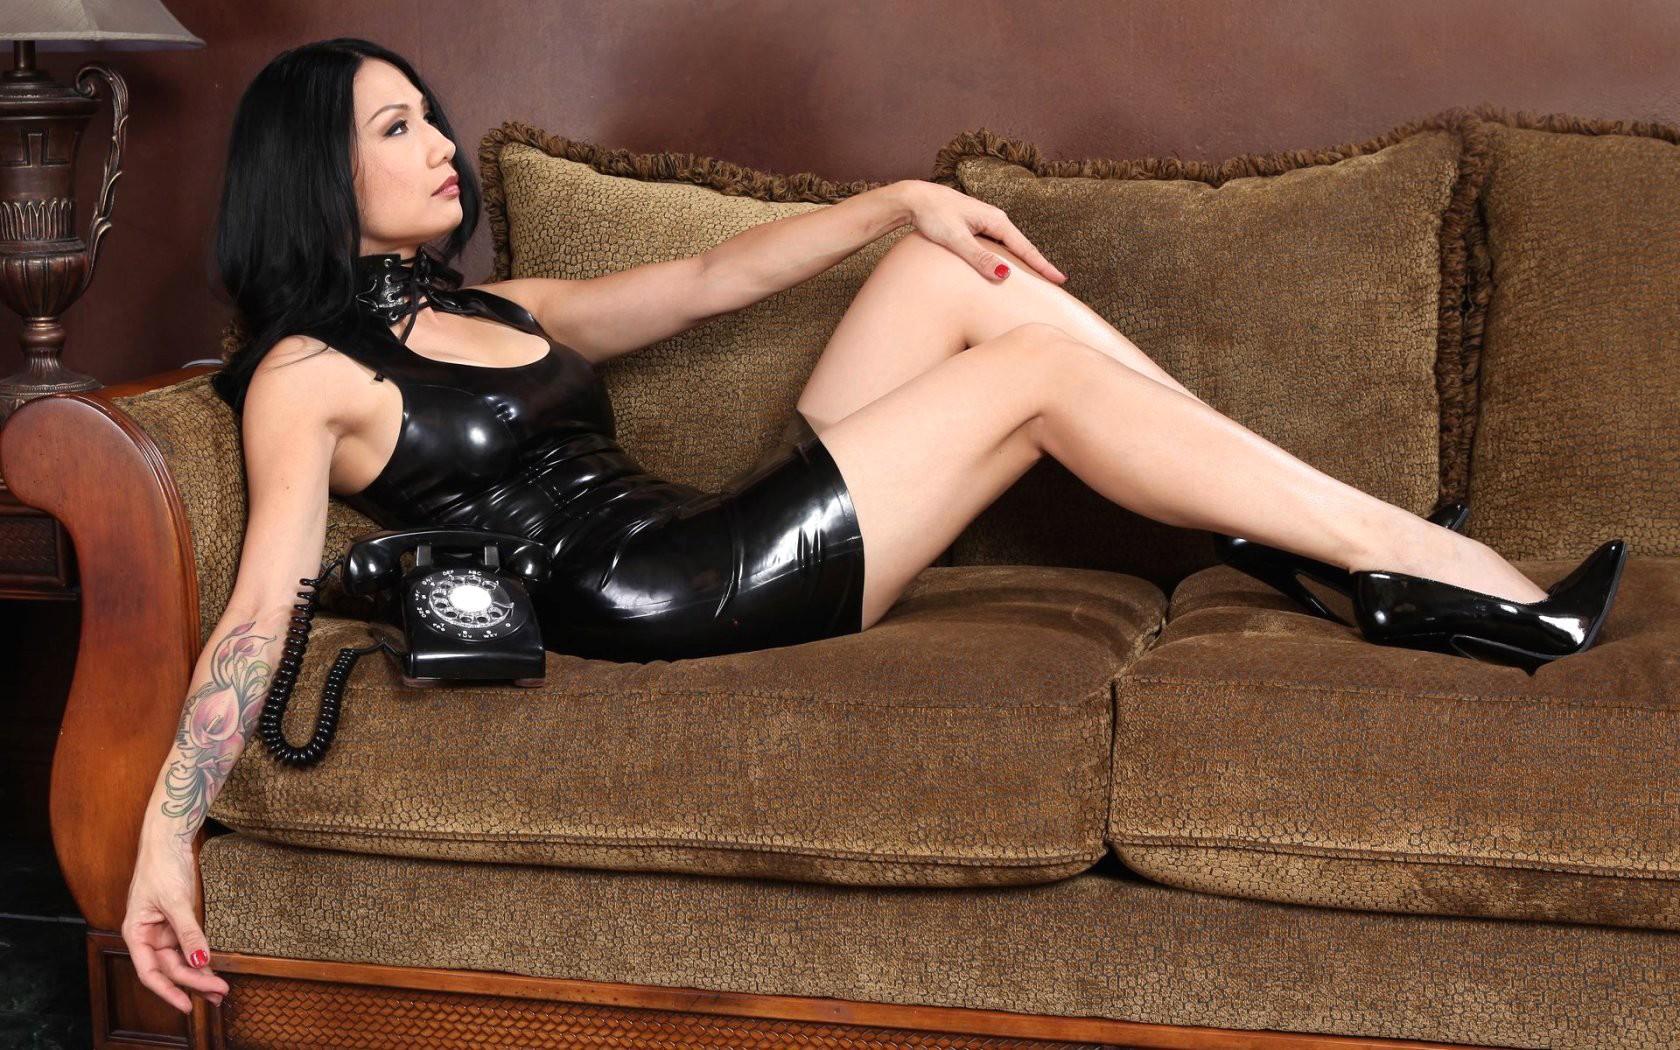 Wallpaper  Women, Long Hair, Black Dress, Legs, Asian -2710